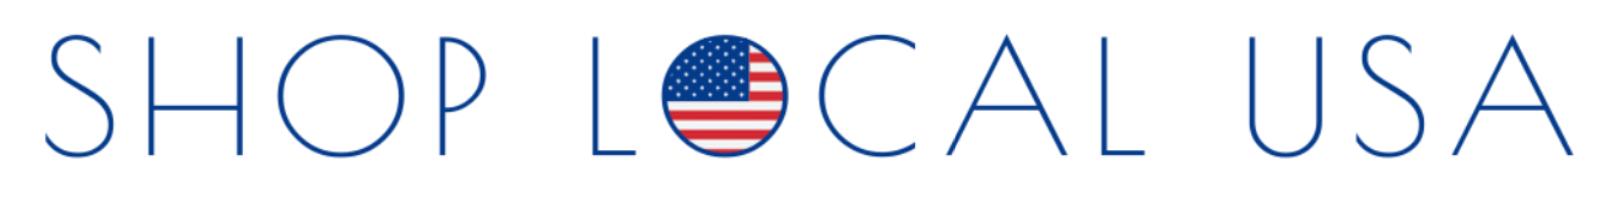 Shop Local USA Logo